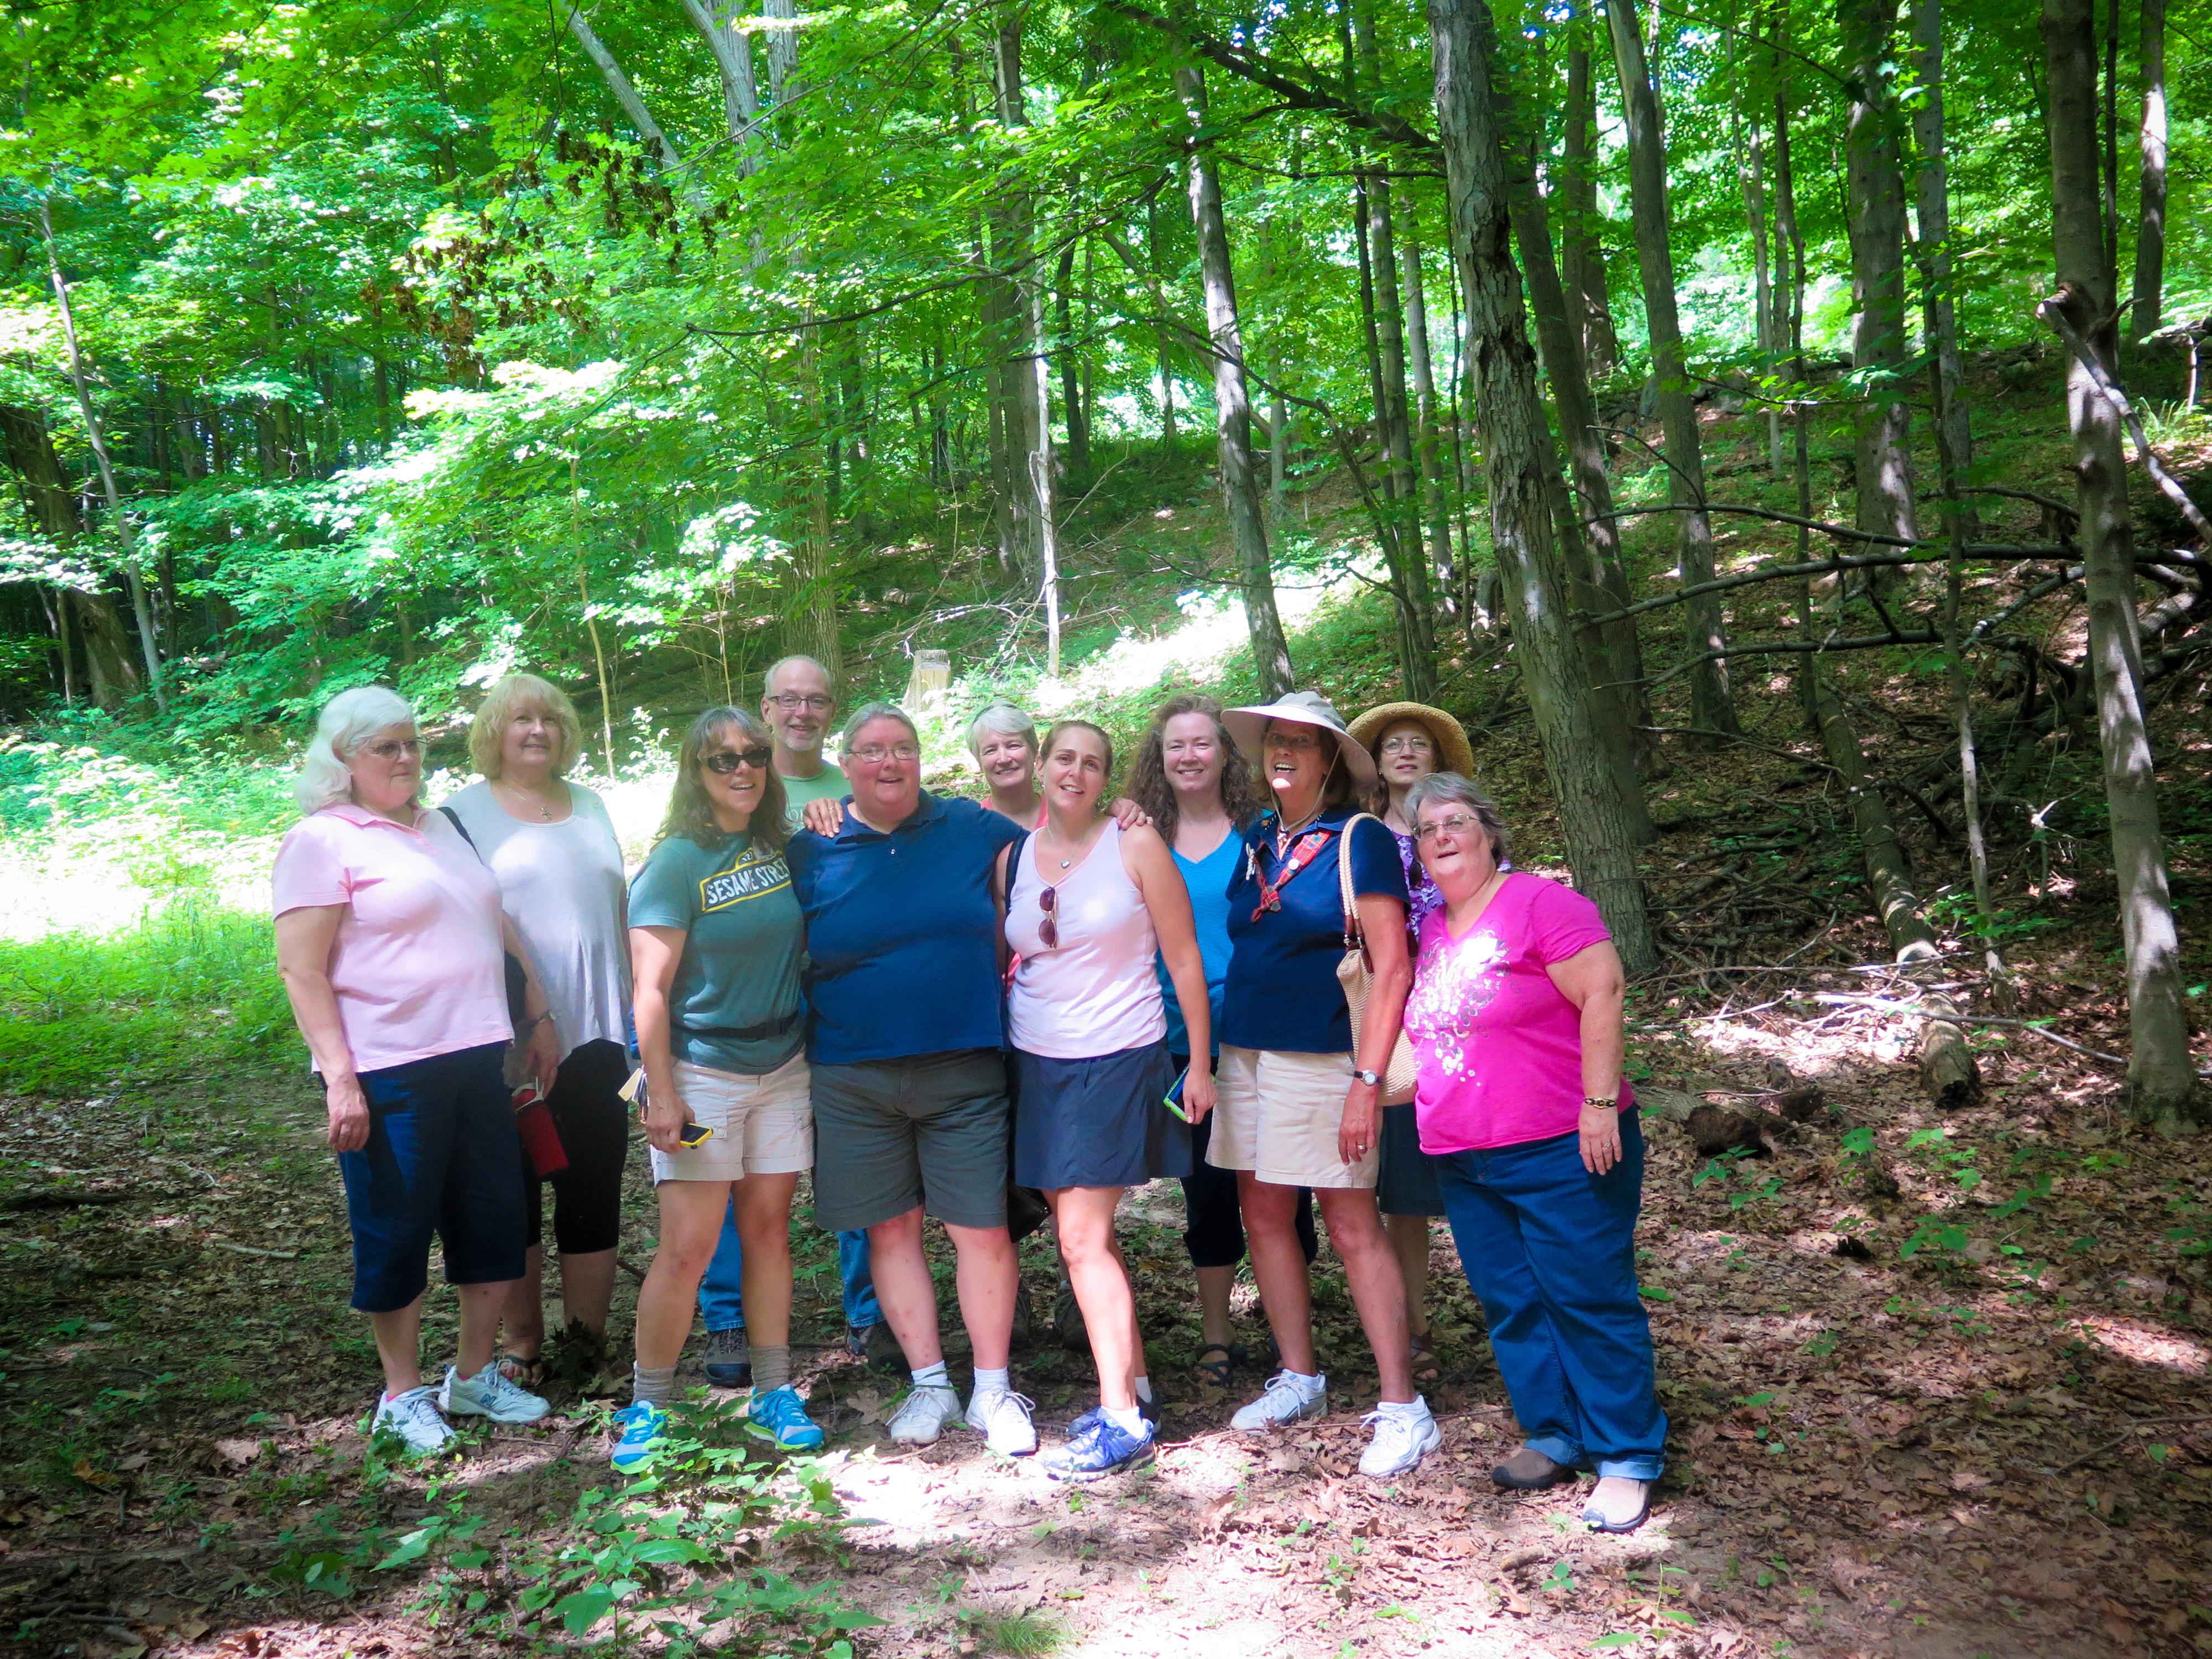 Camp Francis Girl Scout alumni at EKHNP3 7-25-15 MCherniske